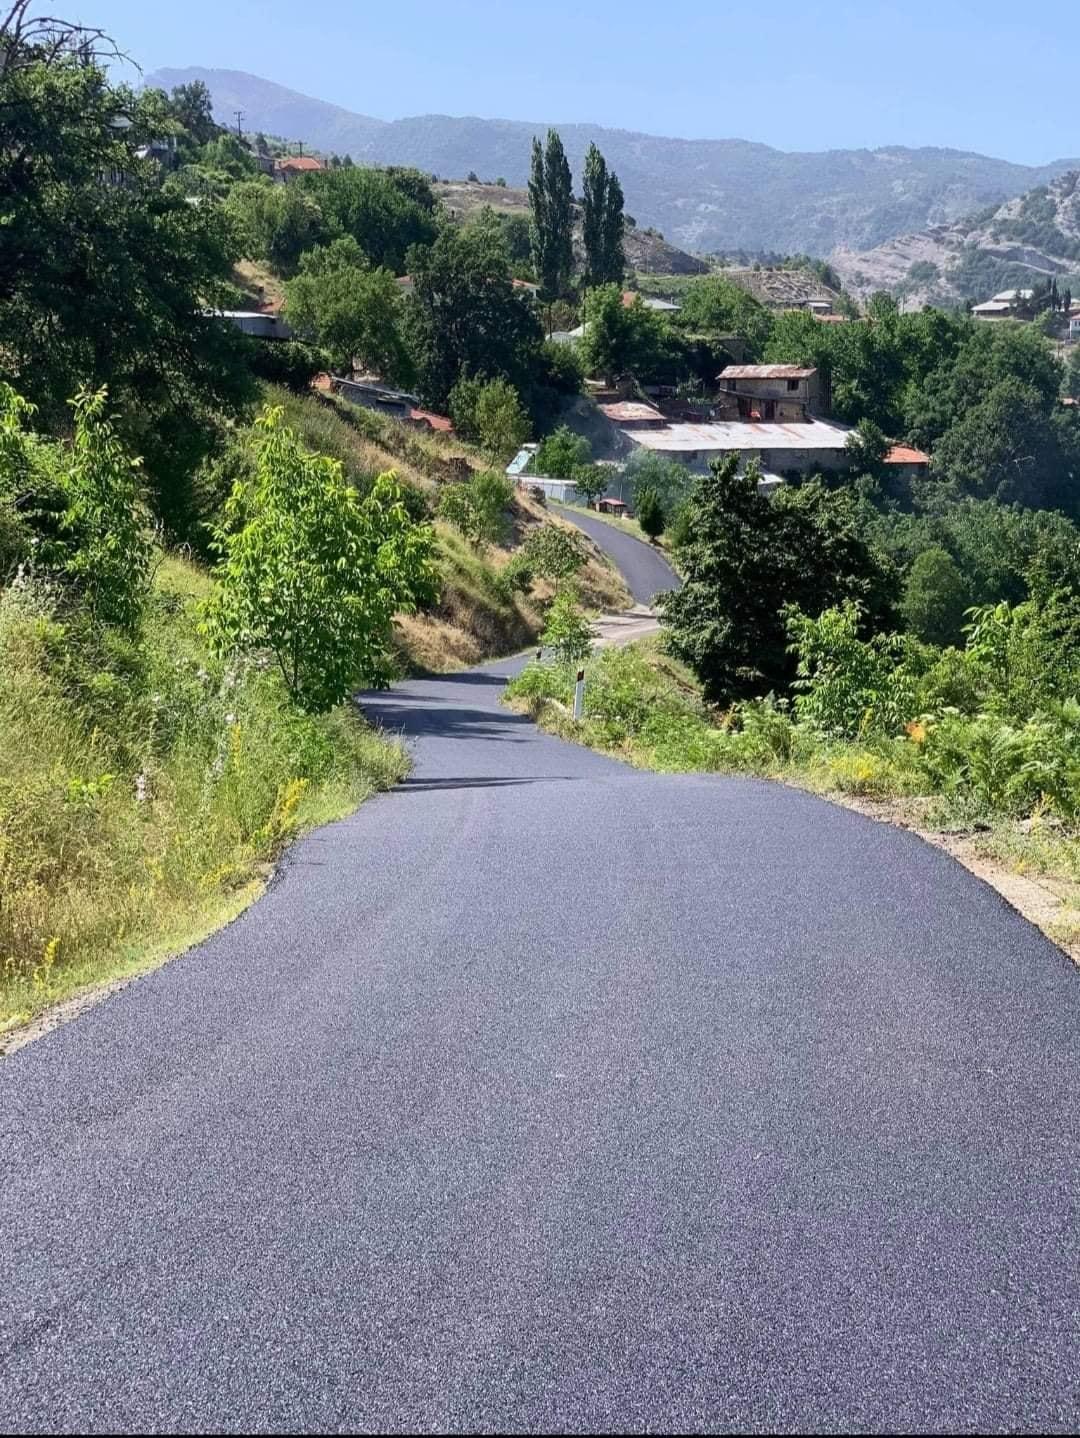 """Ζευκλής Χρήστος: """"Ασφαλτόστρωση εσωτερικού οδικού δικτύου στην περιοχή του Πενταλόφου"""" (Φωτογραφίες)"""